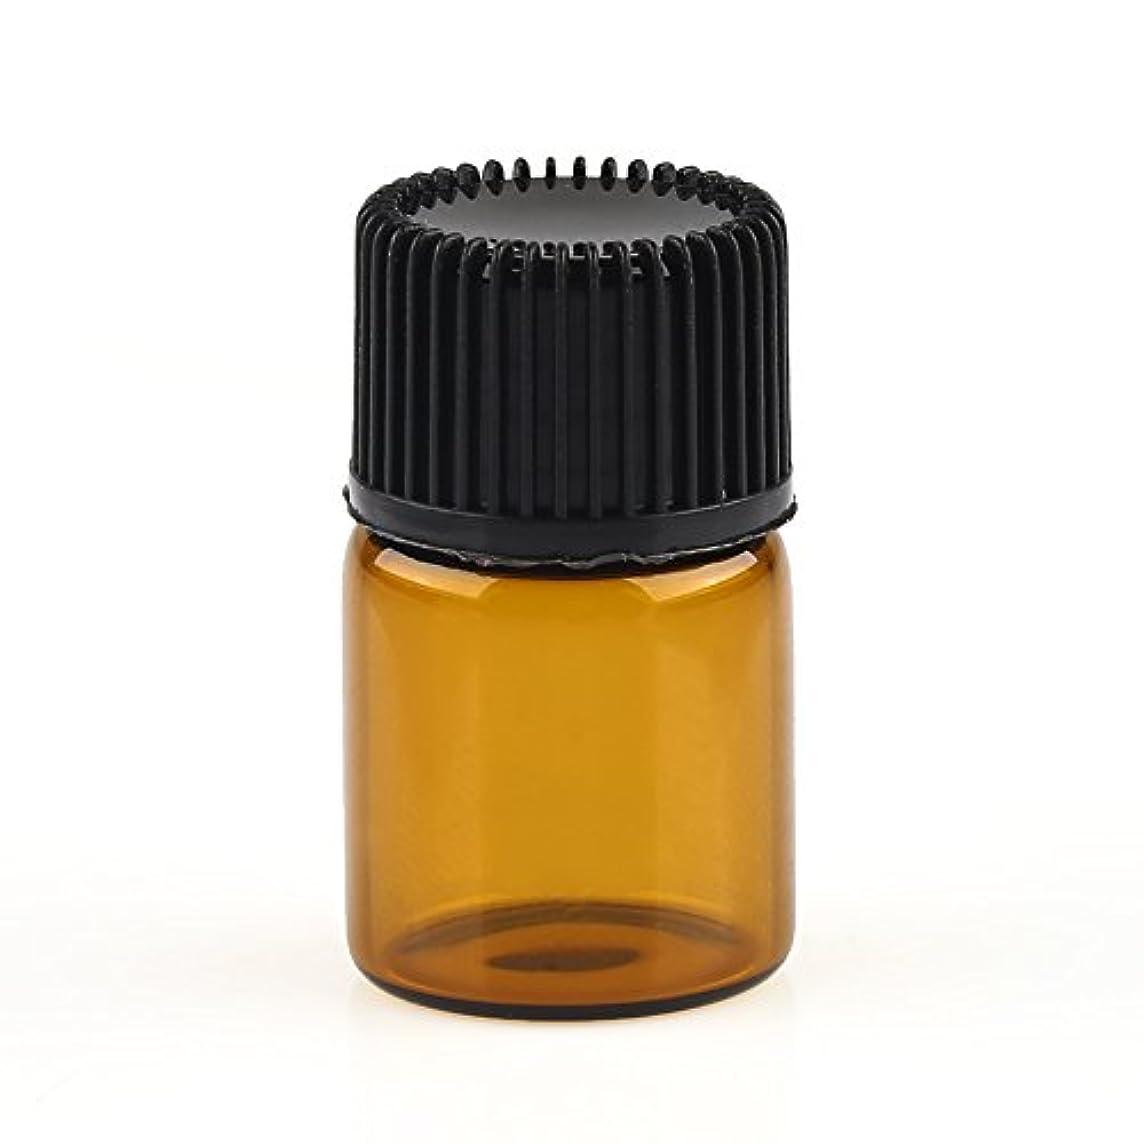 少年貨物ノーブルVERY100 遮光ビン ミニガラスアロマボトル アロマオイル用瓶 キャップ付き 穴付き内栓 1ml、2ml、3ml 10本セット アンバー (2ML)